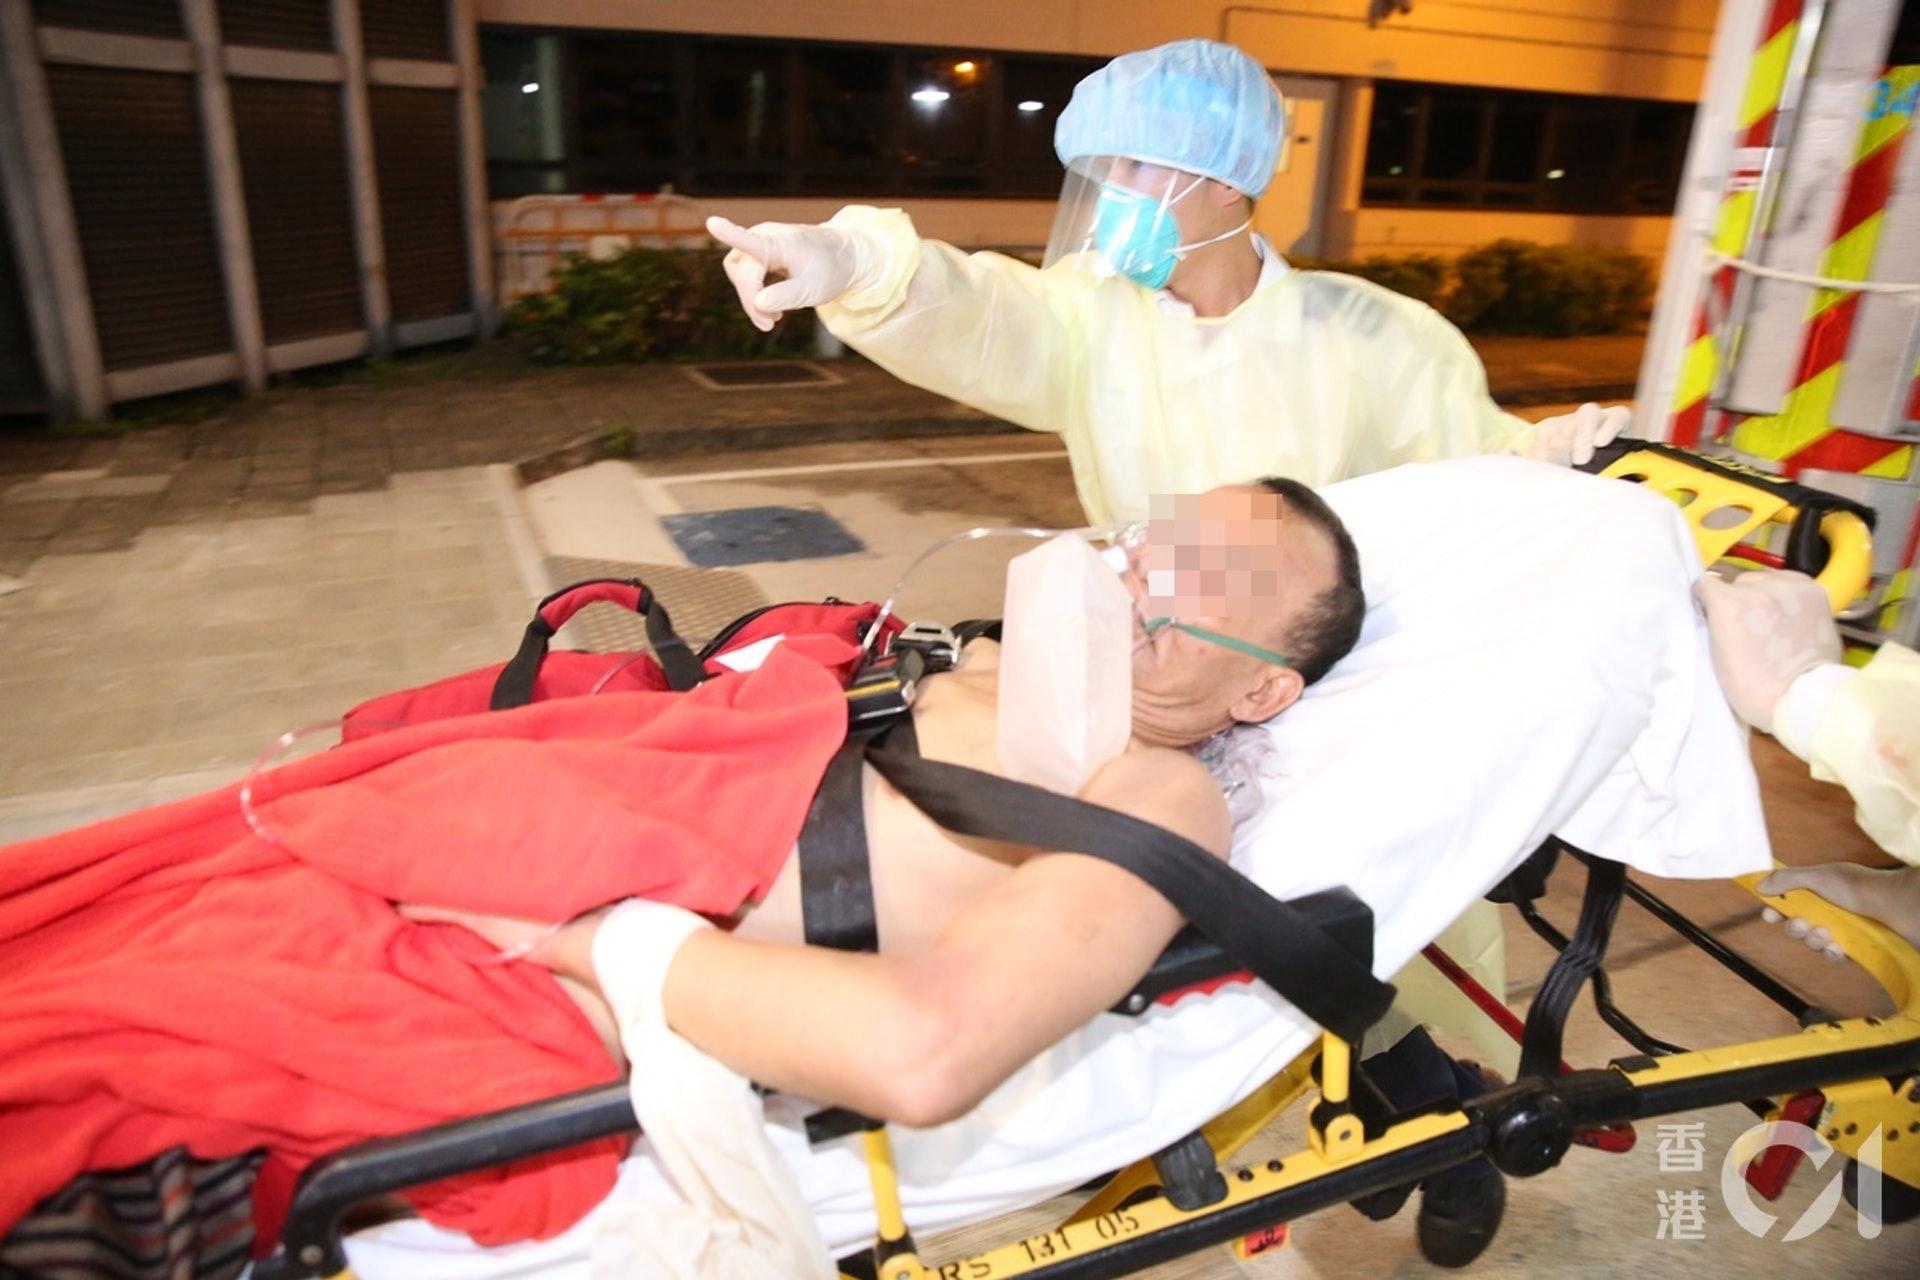 大埔三屍命案|62歲男疑兇傷勢嚴重警方尋獲懷疑兇刀|香港01|突發